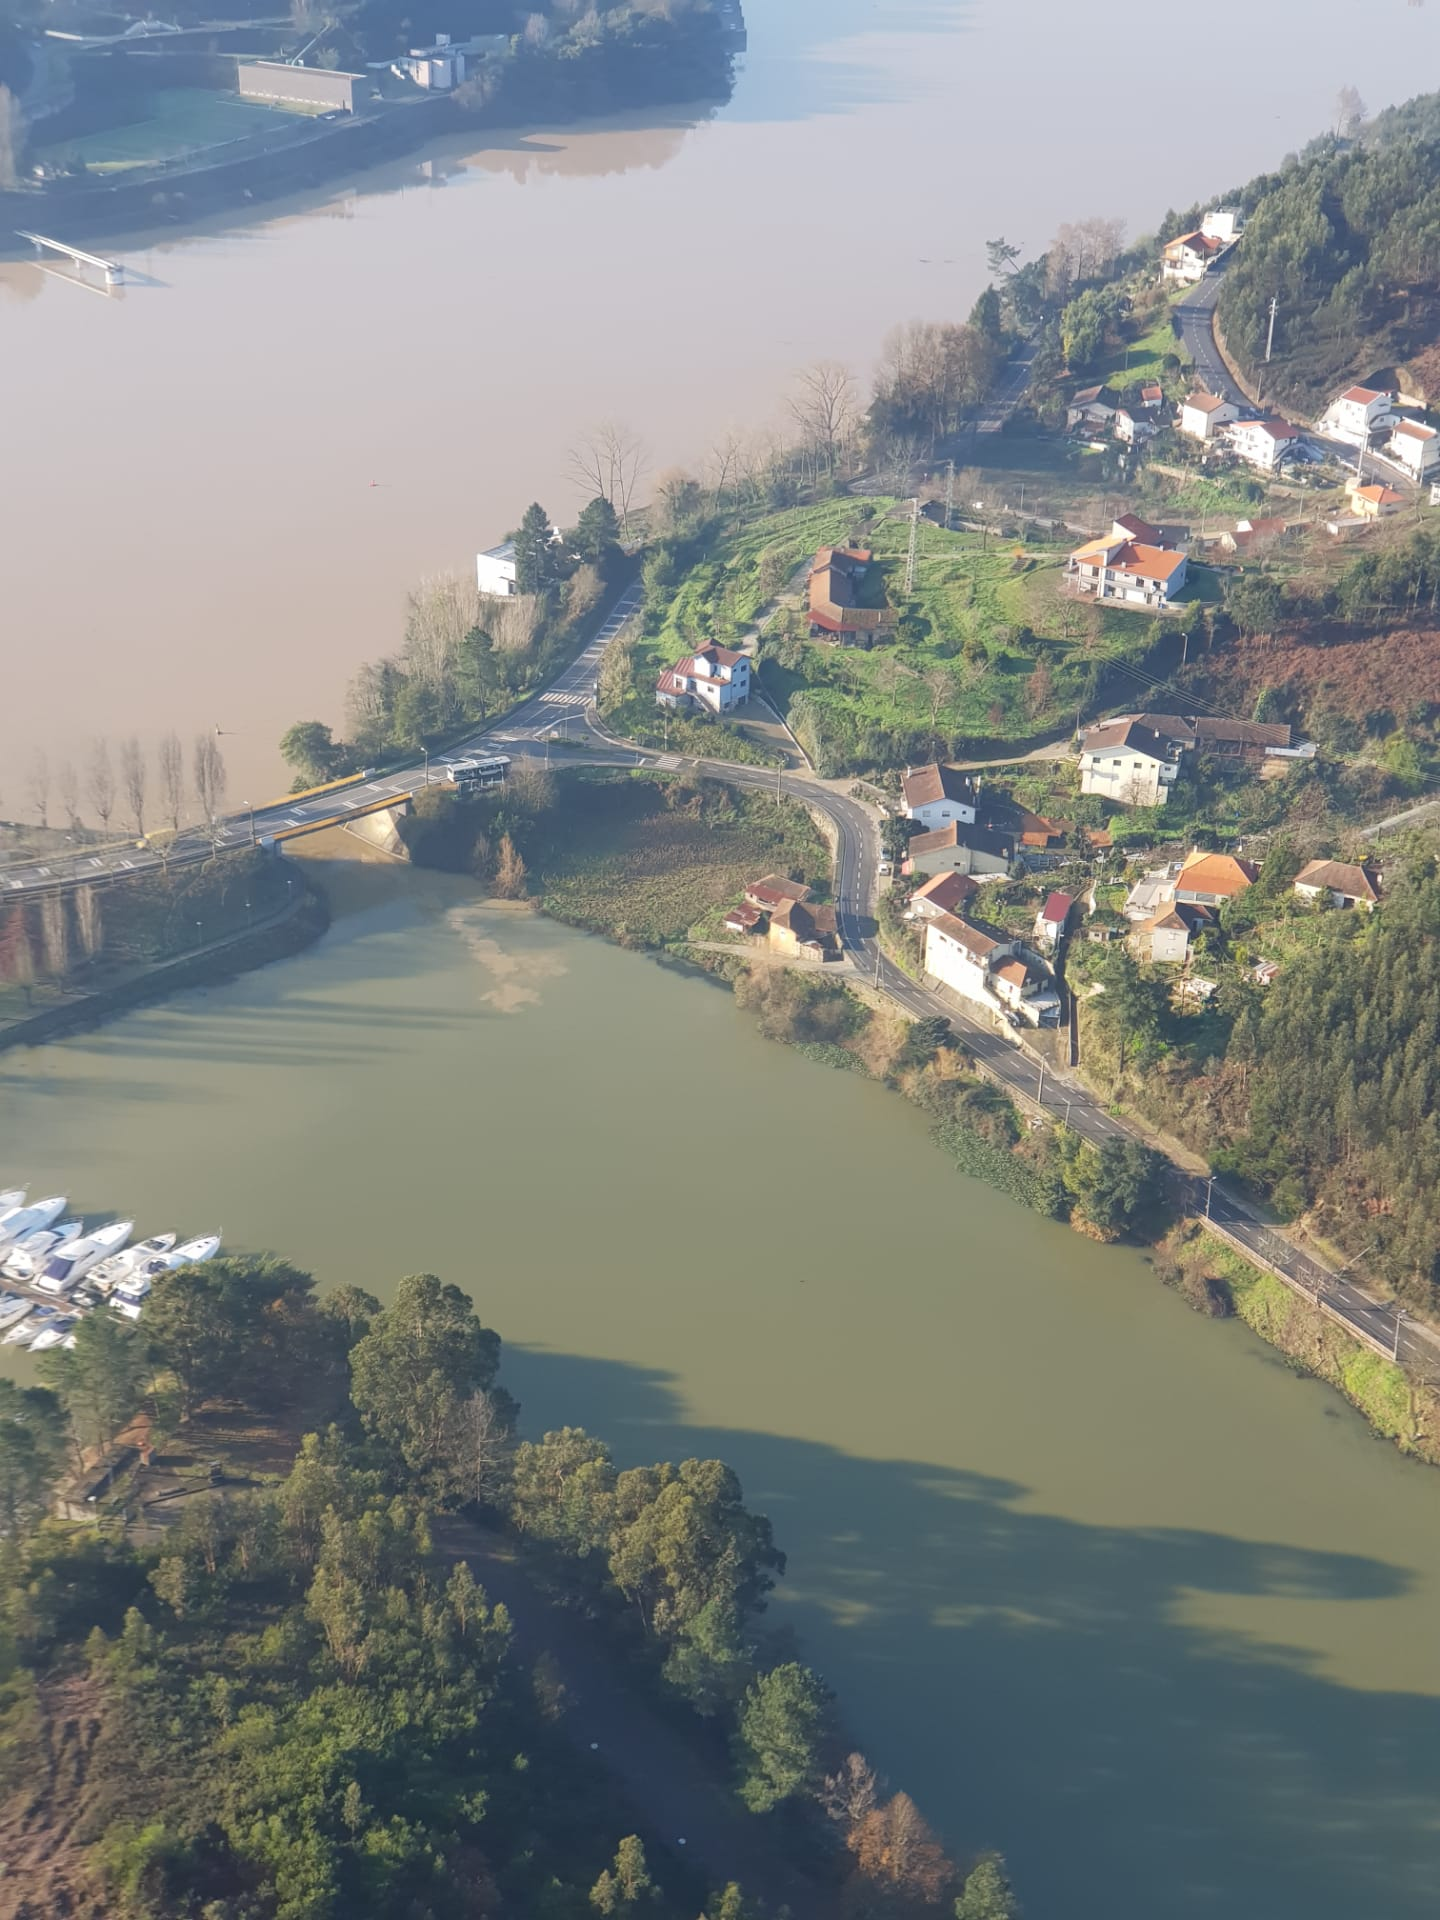 LM-Arquivo-Douro-Paiva-Foto-Aerea-ETA-Lever-075